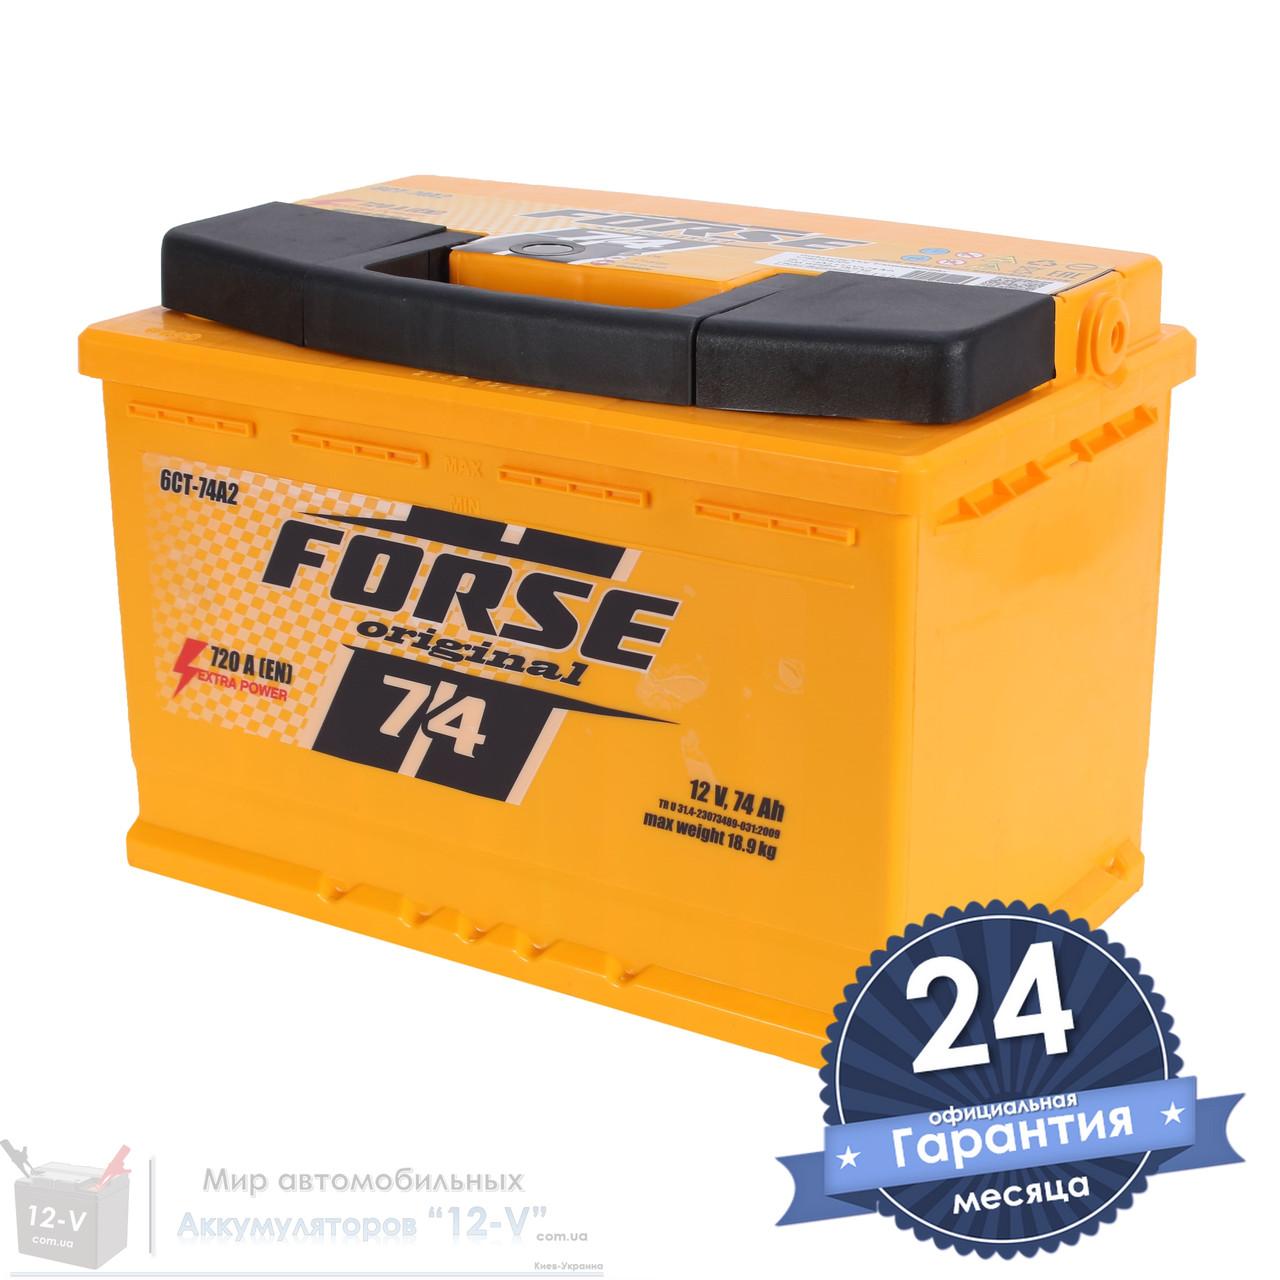 Аккумулятор автомобильный FORSE Original 6CT 74Ah, пусковой ток 720A [– +]